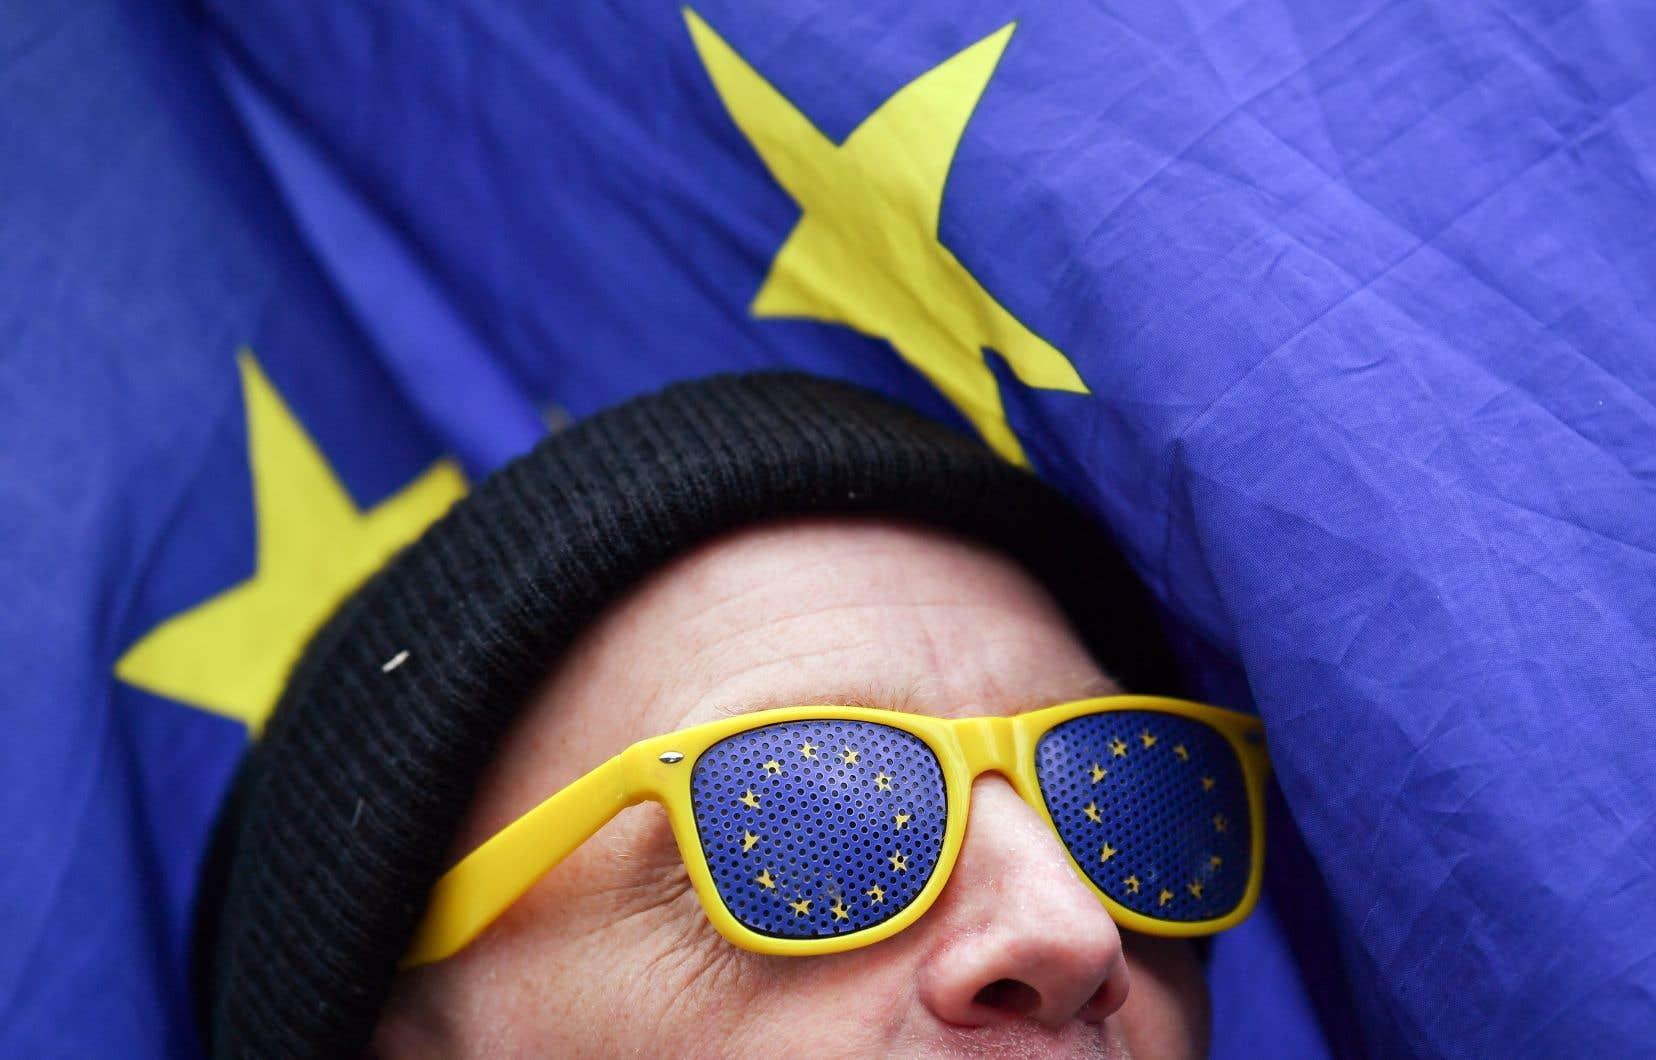 Les députés de Londres viennent de rejeter avec une majorité écrasante l'entente de sortie du Royaume-Uni de l'Union européenne deux ans après le référendum affirmant ce choix. «Vox populi»?